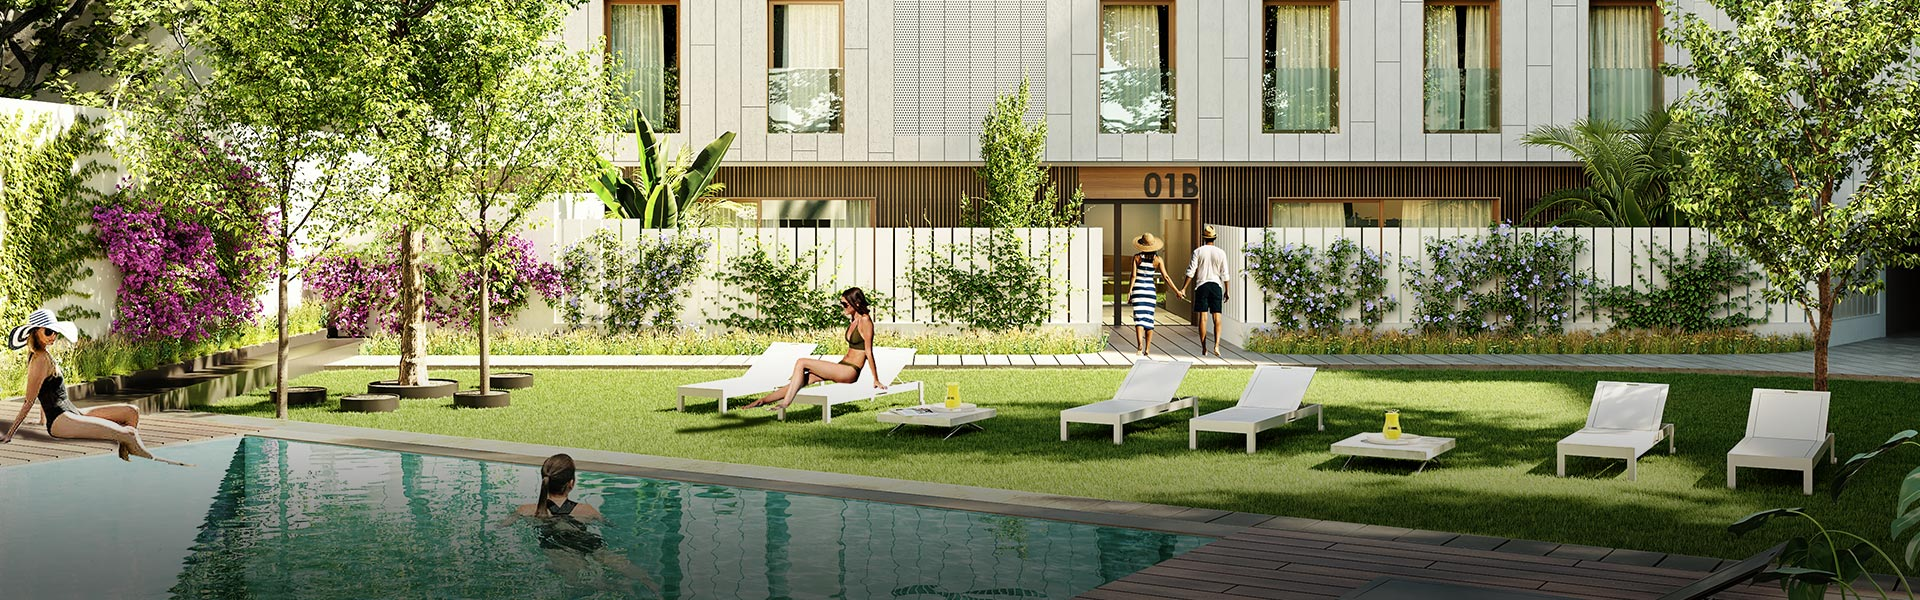 Promoción de obra nueva en Cádiz con piscina comunitaria y jardines